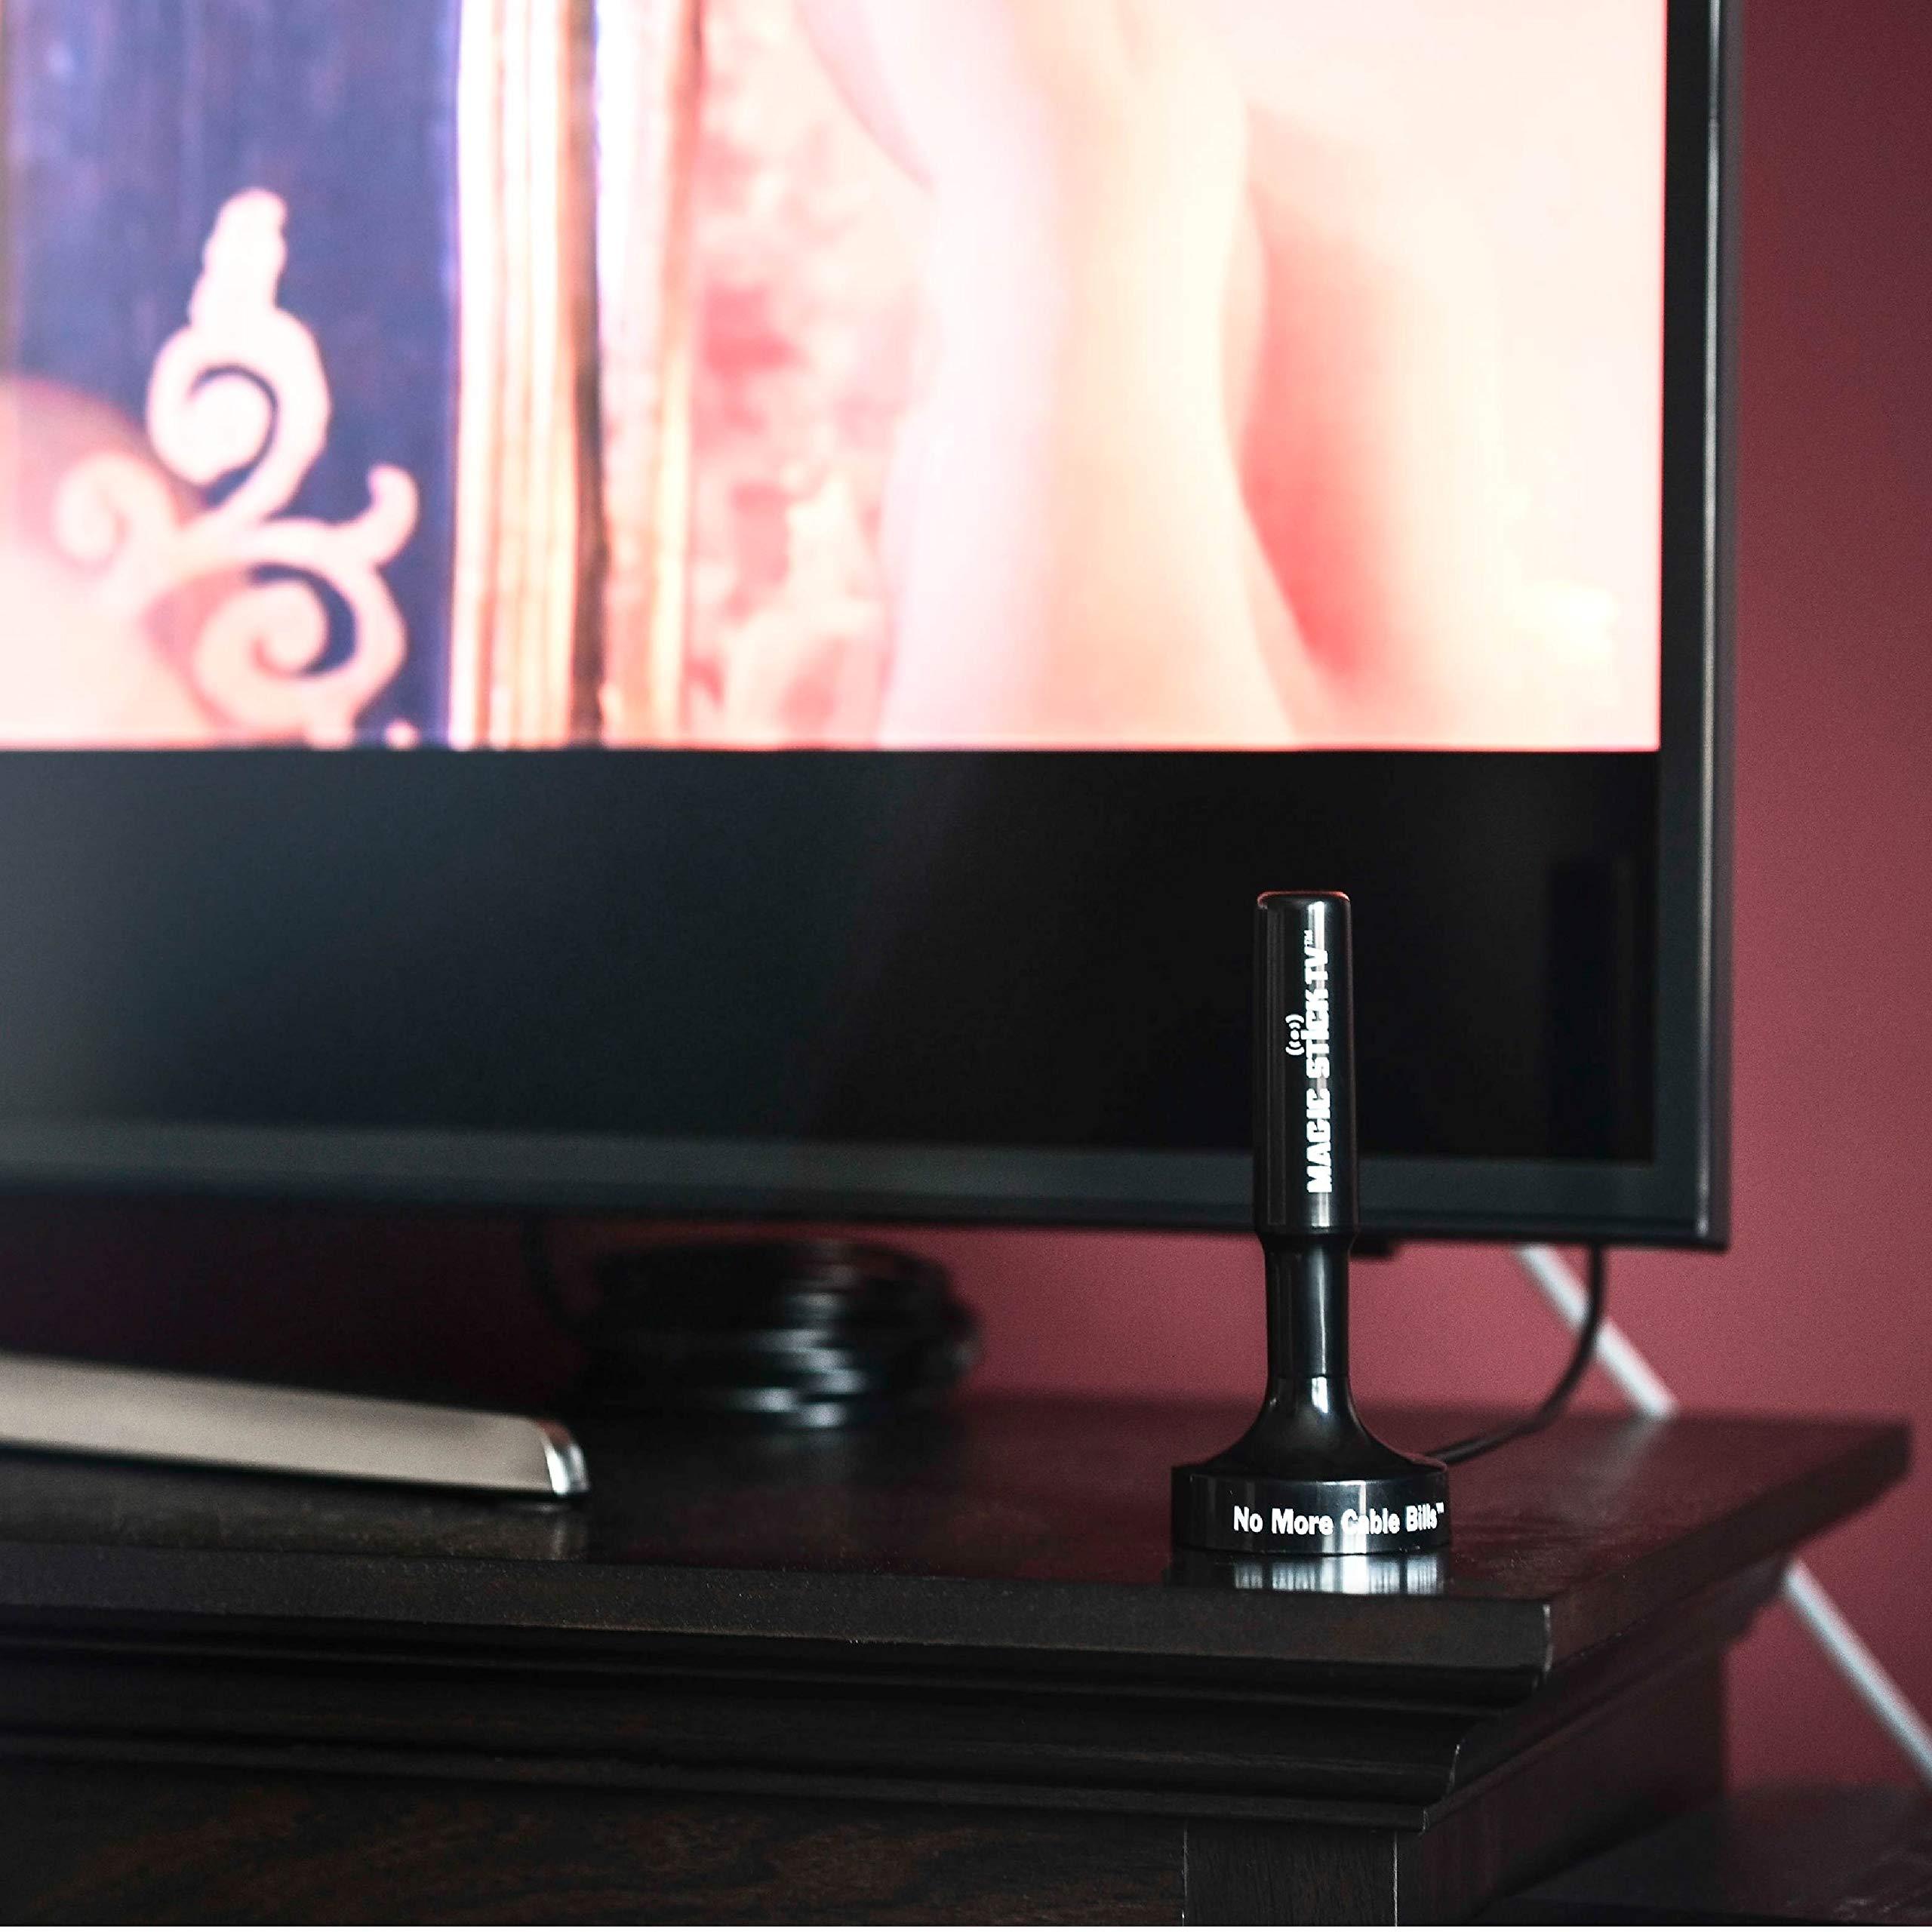 Magic Stick TV MS-50A 2019 - Antena de televisión Digital HD para Interior y Exterior, amplificada, para HDTV Digital 1080P HD Canales, Cable de 16,5 pies, Color Negro: Amazon.es: Electrónica